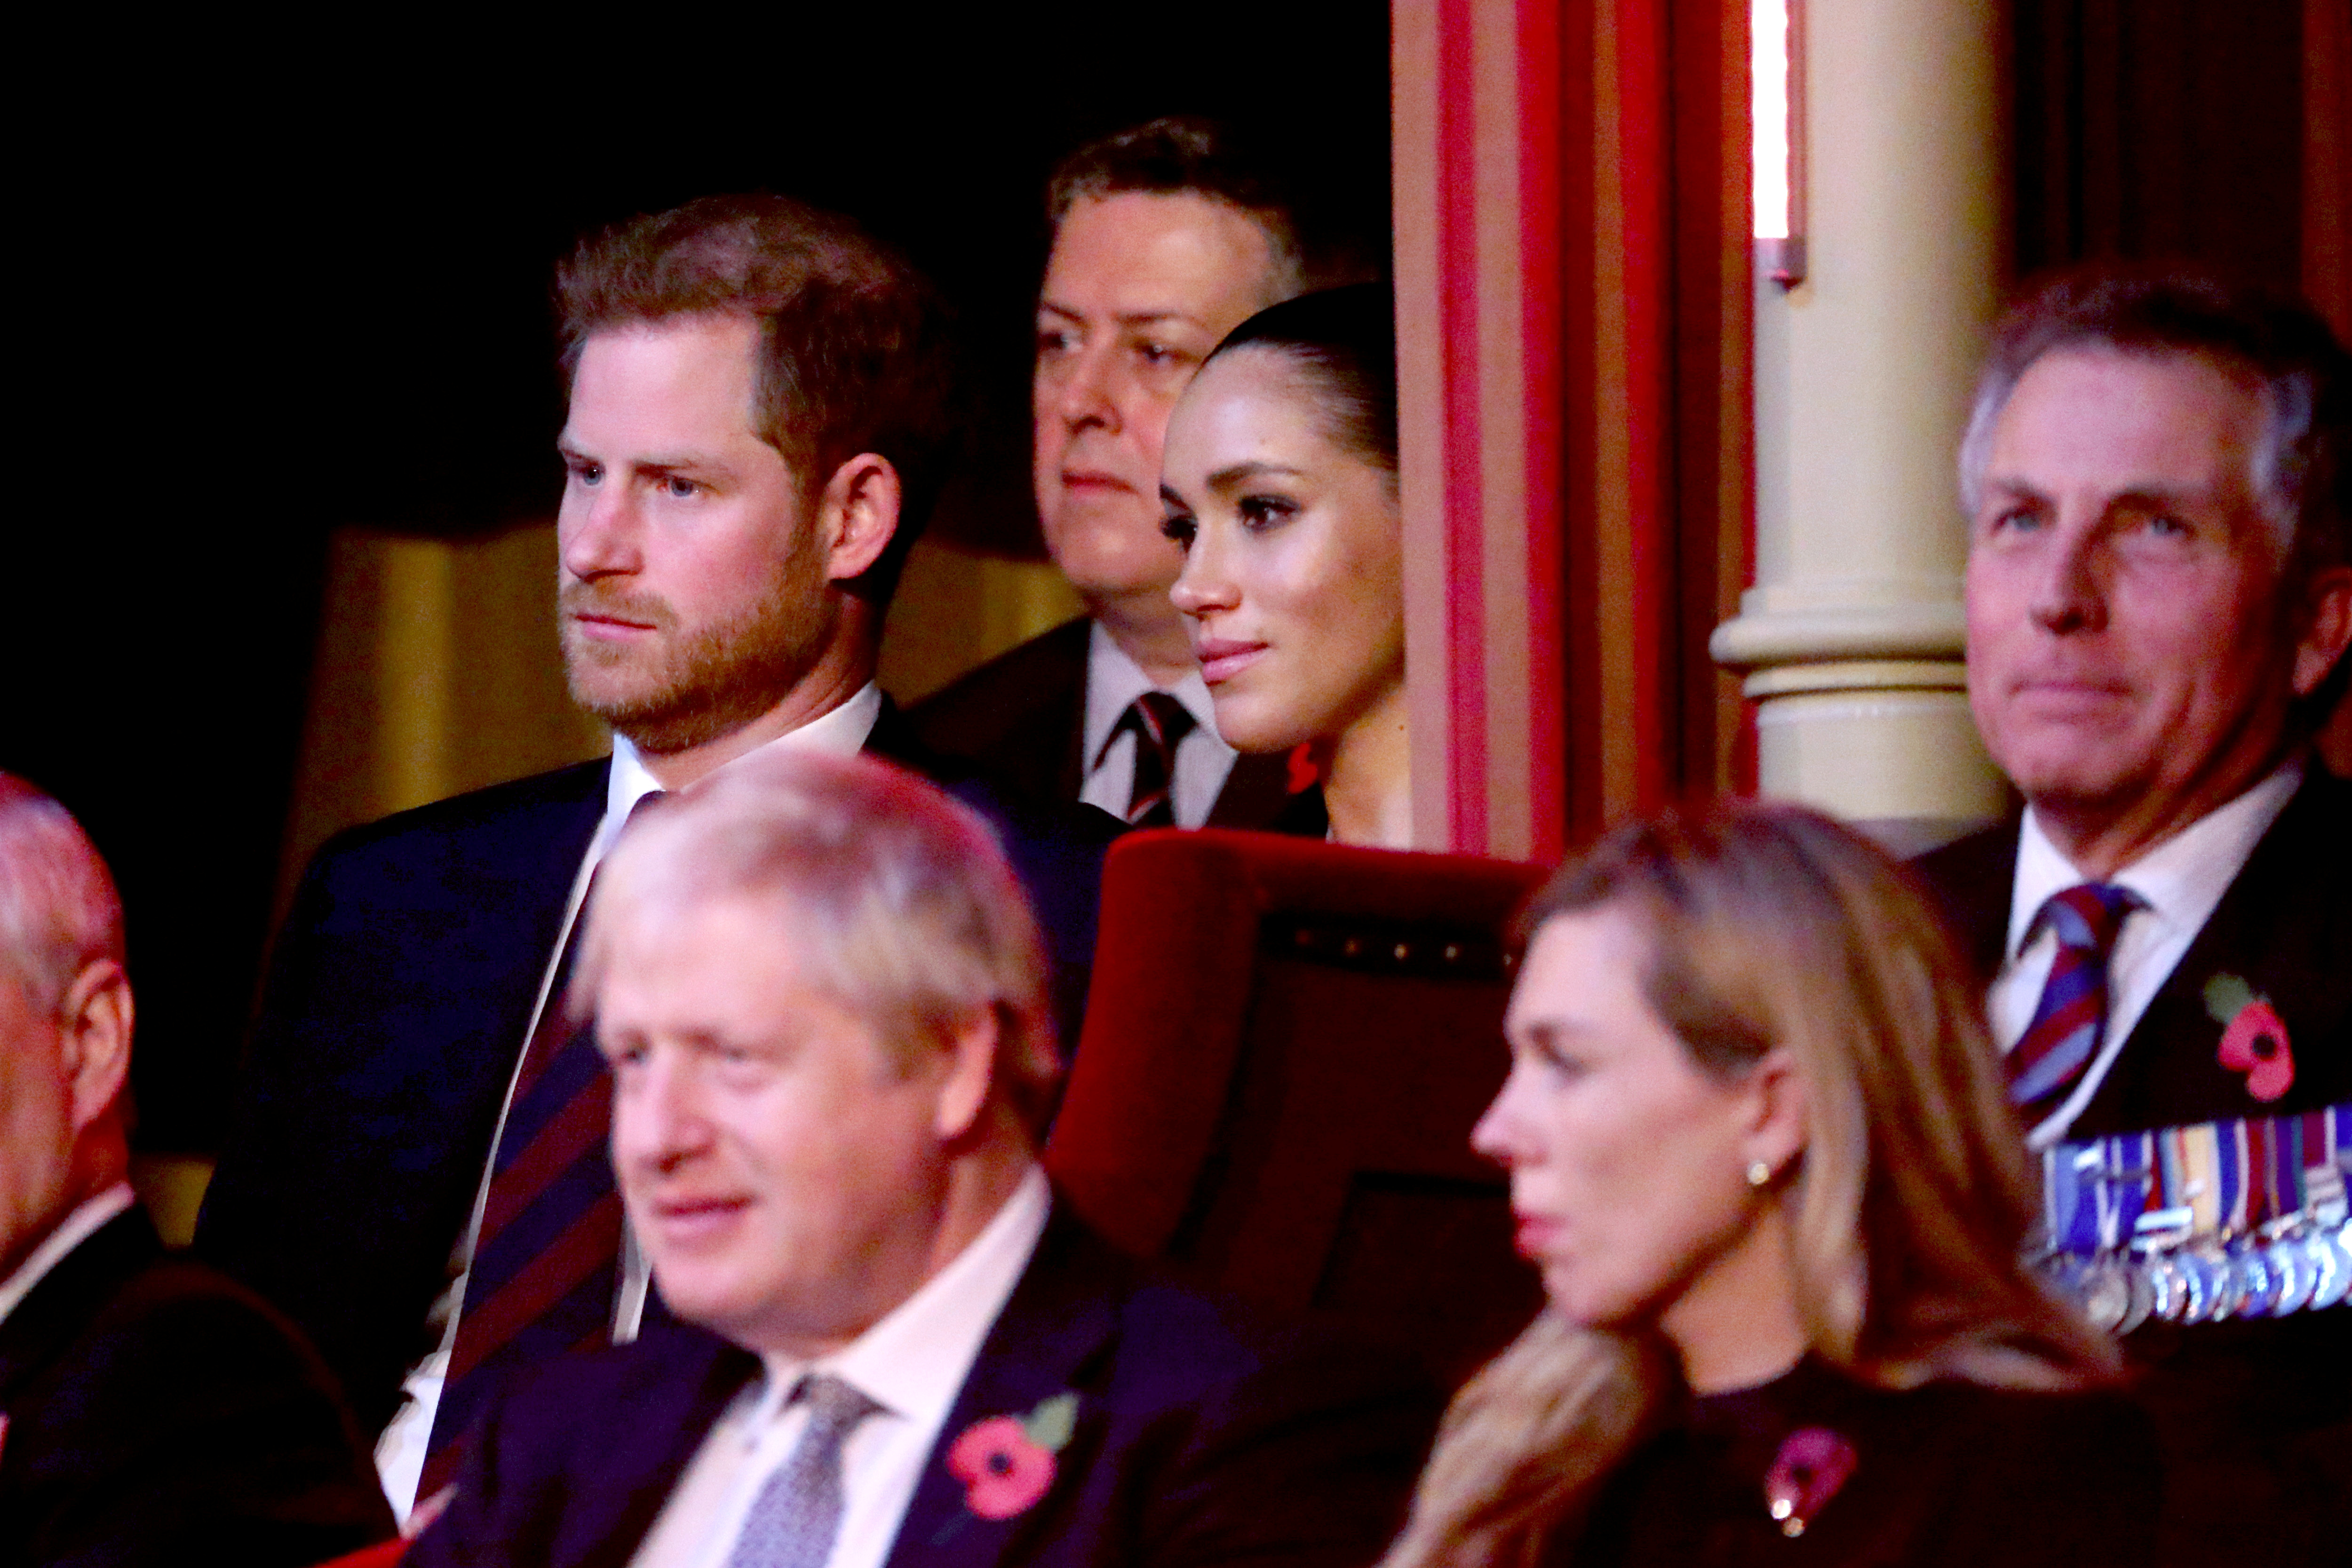 Απίστευτο: «Γείωσαν» τη Βασίλισσα ο Χάρι και η Μέγκαν – Θα κάνουν χωριστά Χριστούγεννα!